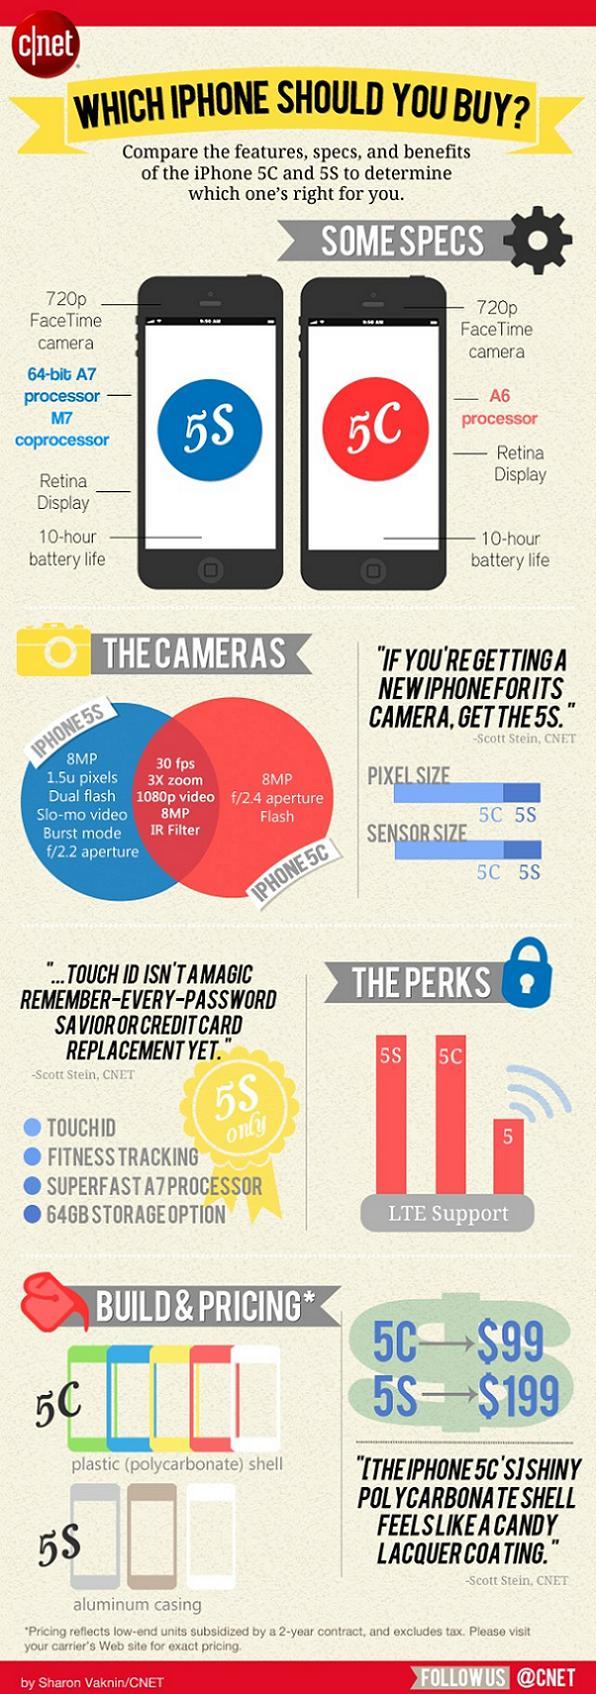 iPhone-5s-vs-iPhone-5c_Infographic